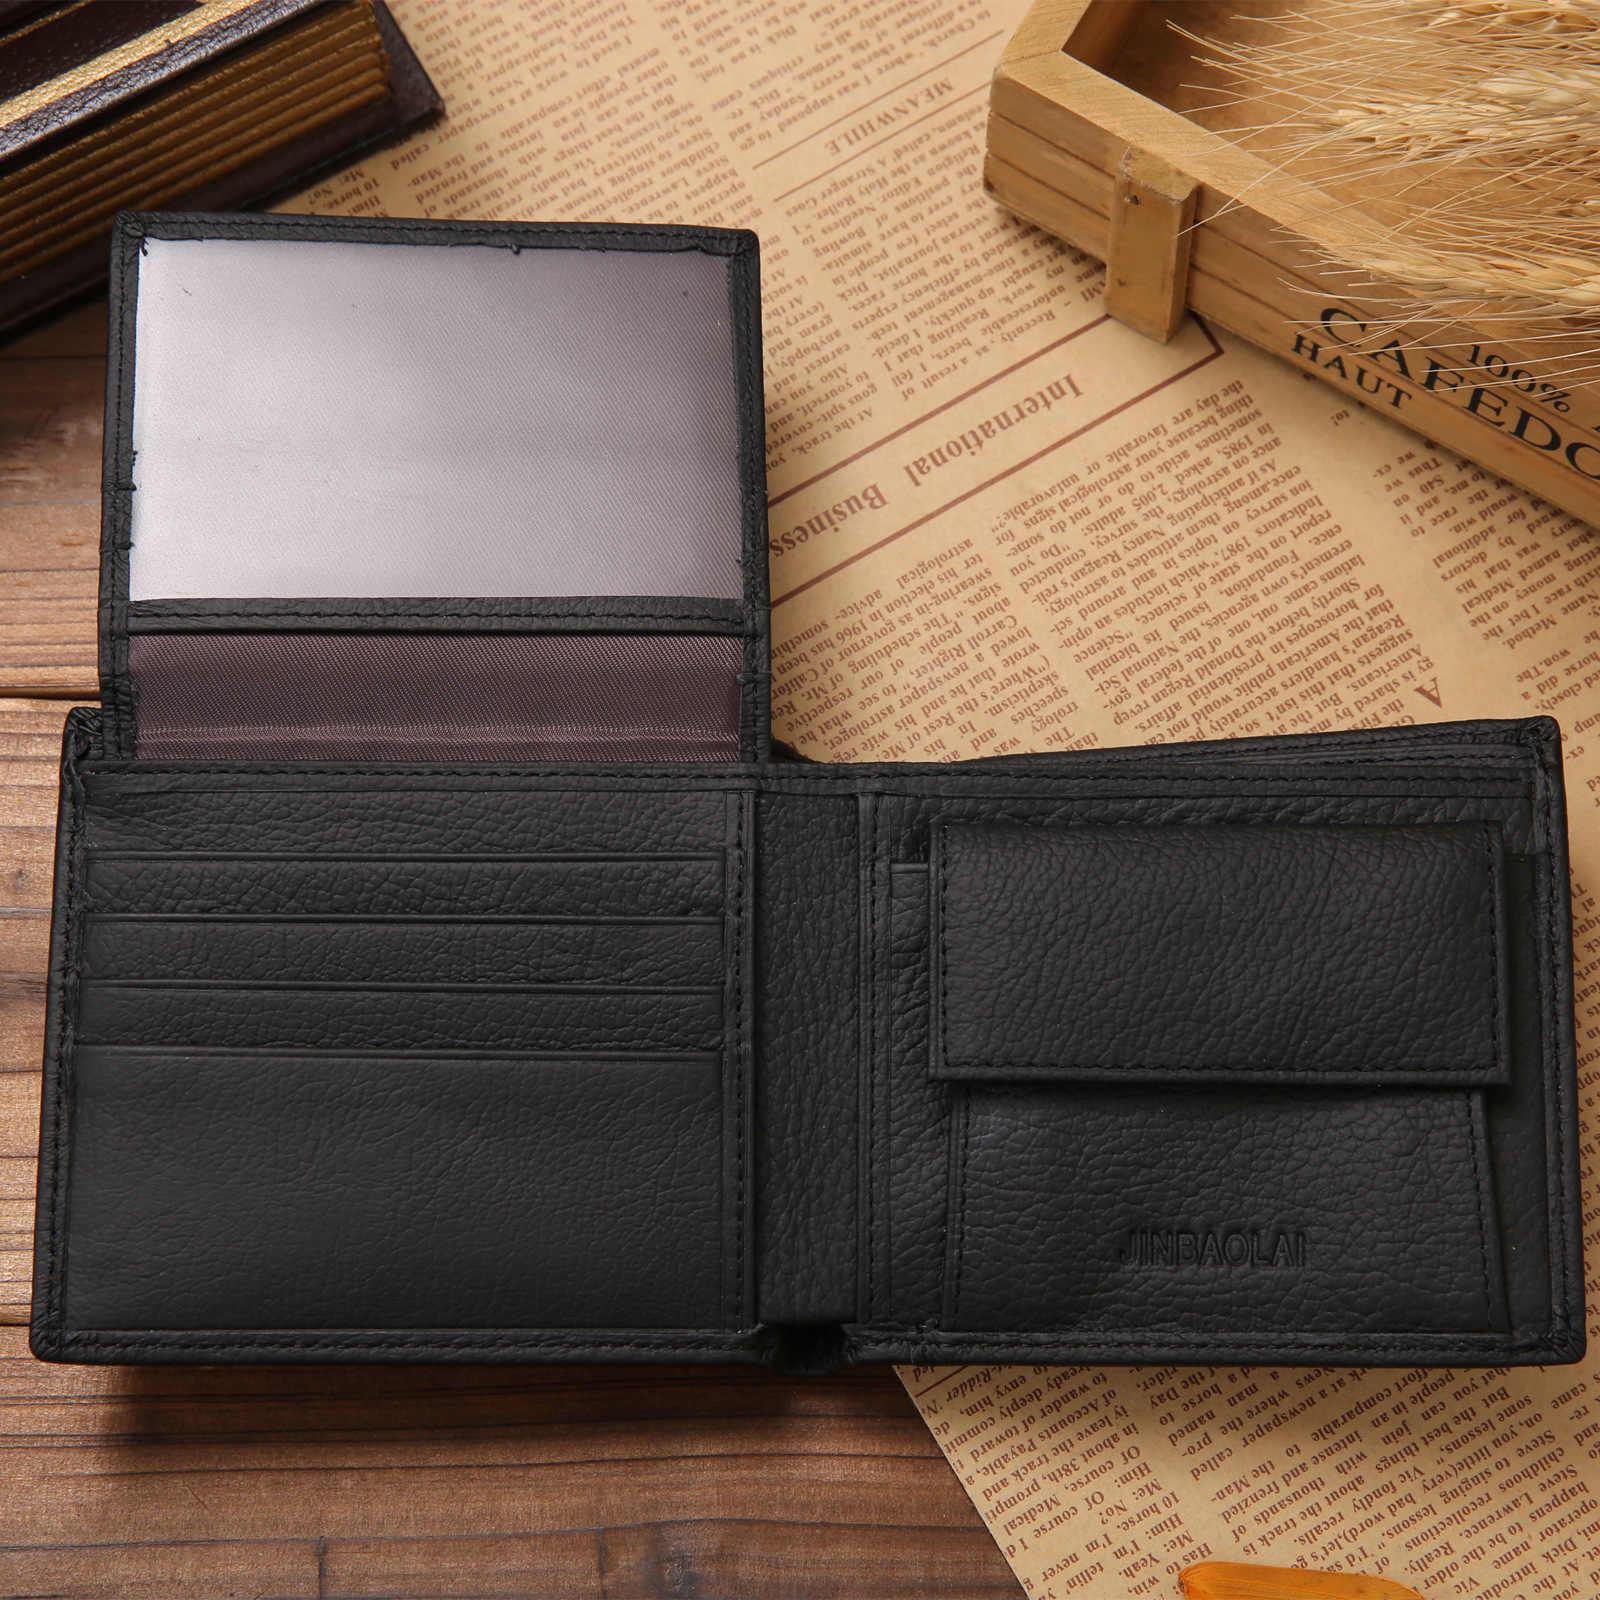 100% de cuero genuino para hombre billeteras de piel de vaca Real de producto Premium para hombre corto negro Walet portefeulle Homme monederos cortos